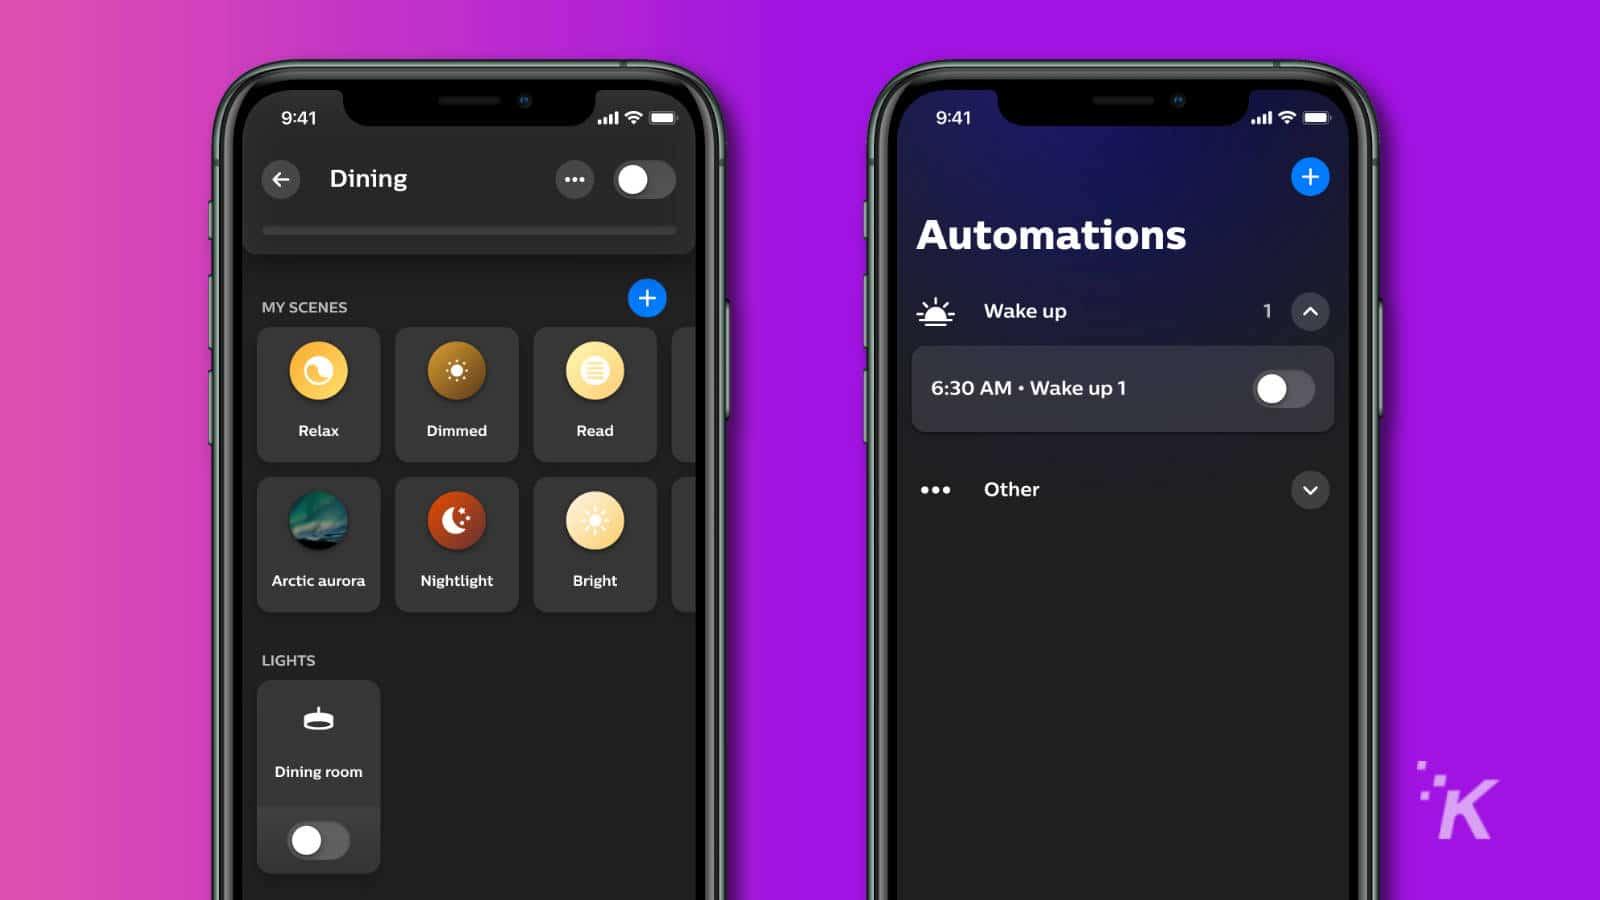 philips hue app redesign screenshots